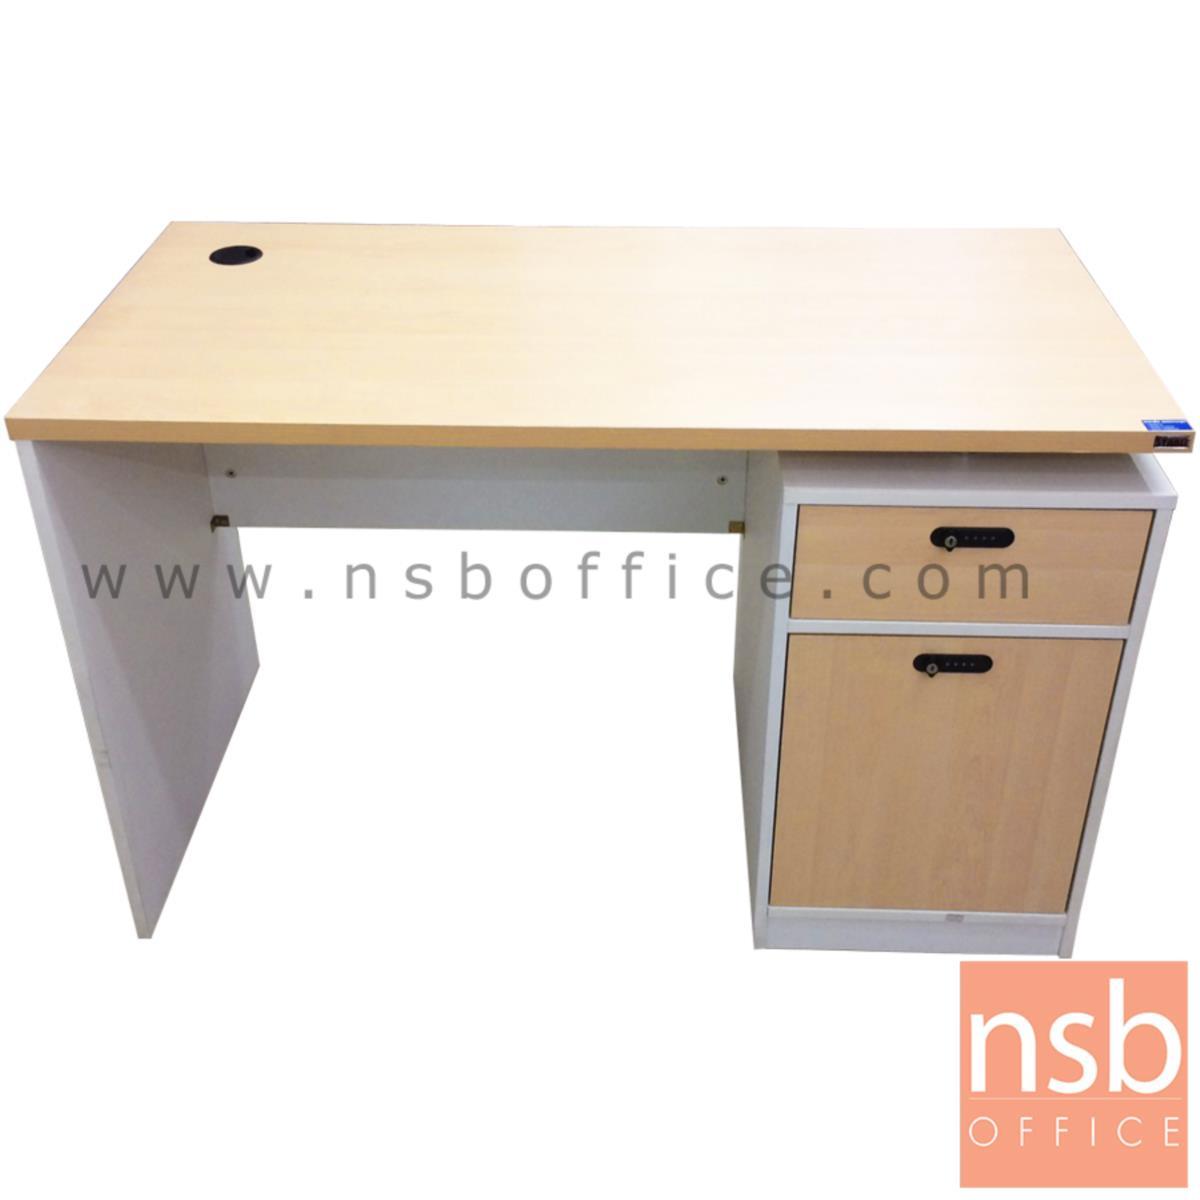 โต๊ะทำงาน 1 ลิ้นชัก  1 บานเปิด รุ่น Darin (ดาริน) ขนาด 120W cm. มีกุญแจล็อครหัส